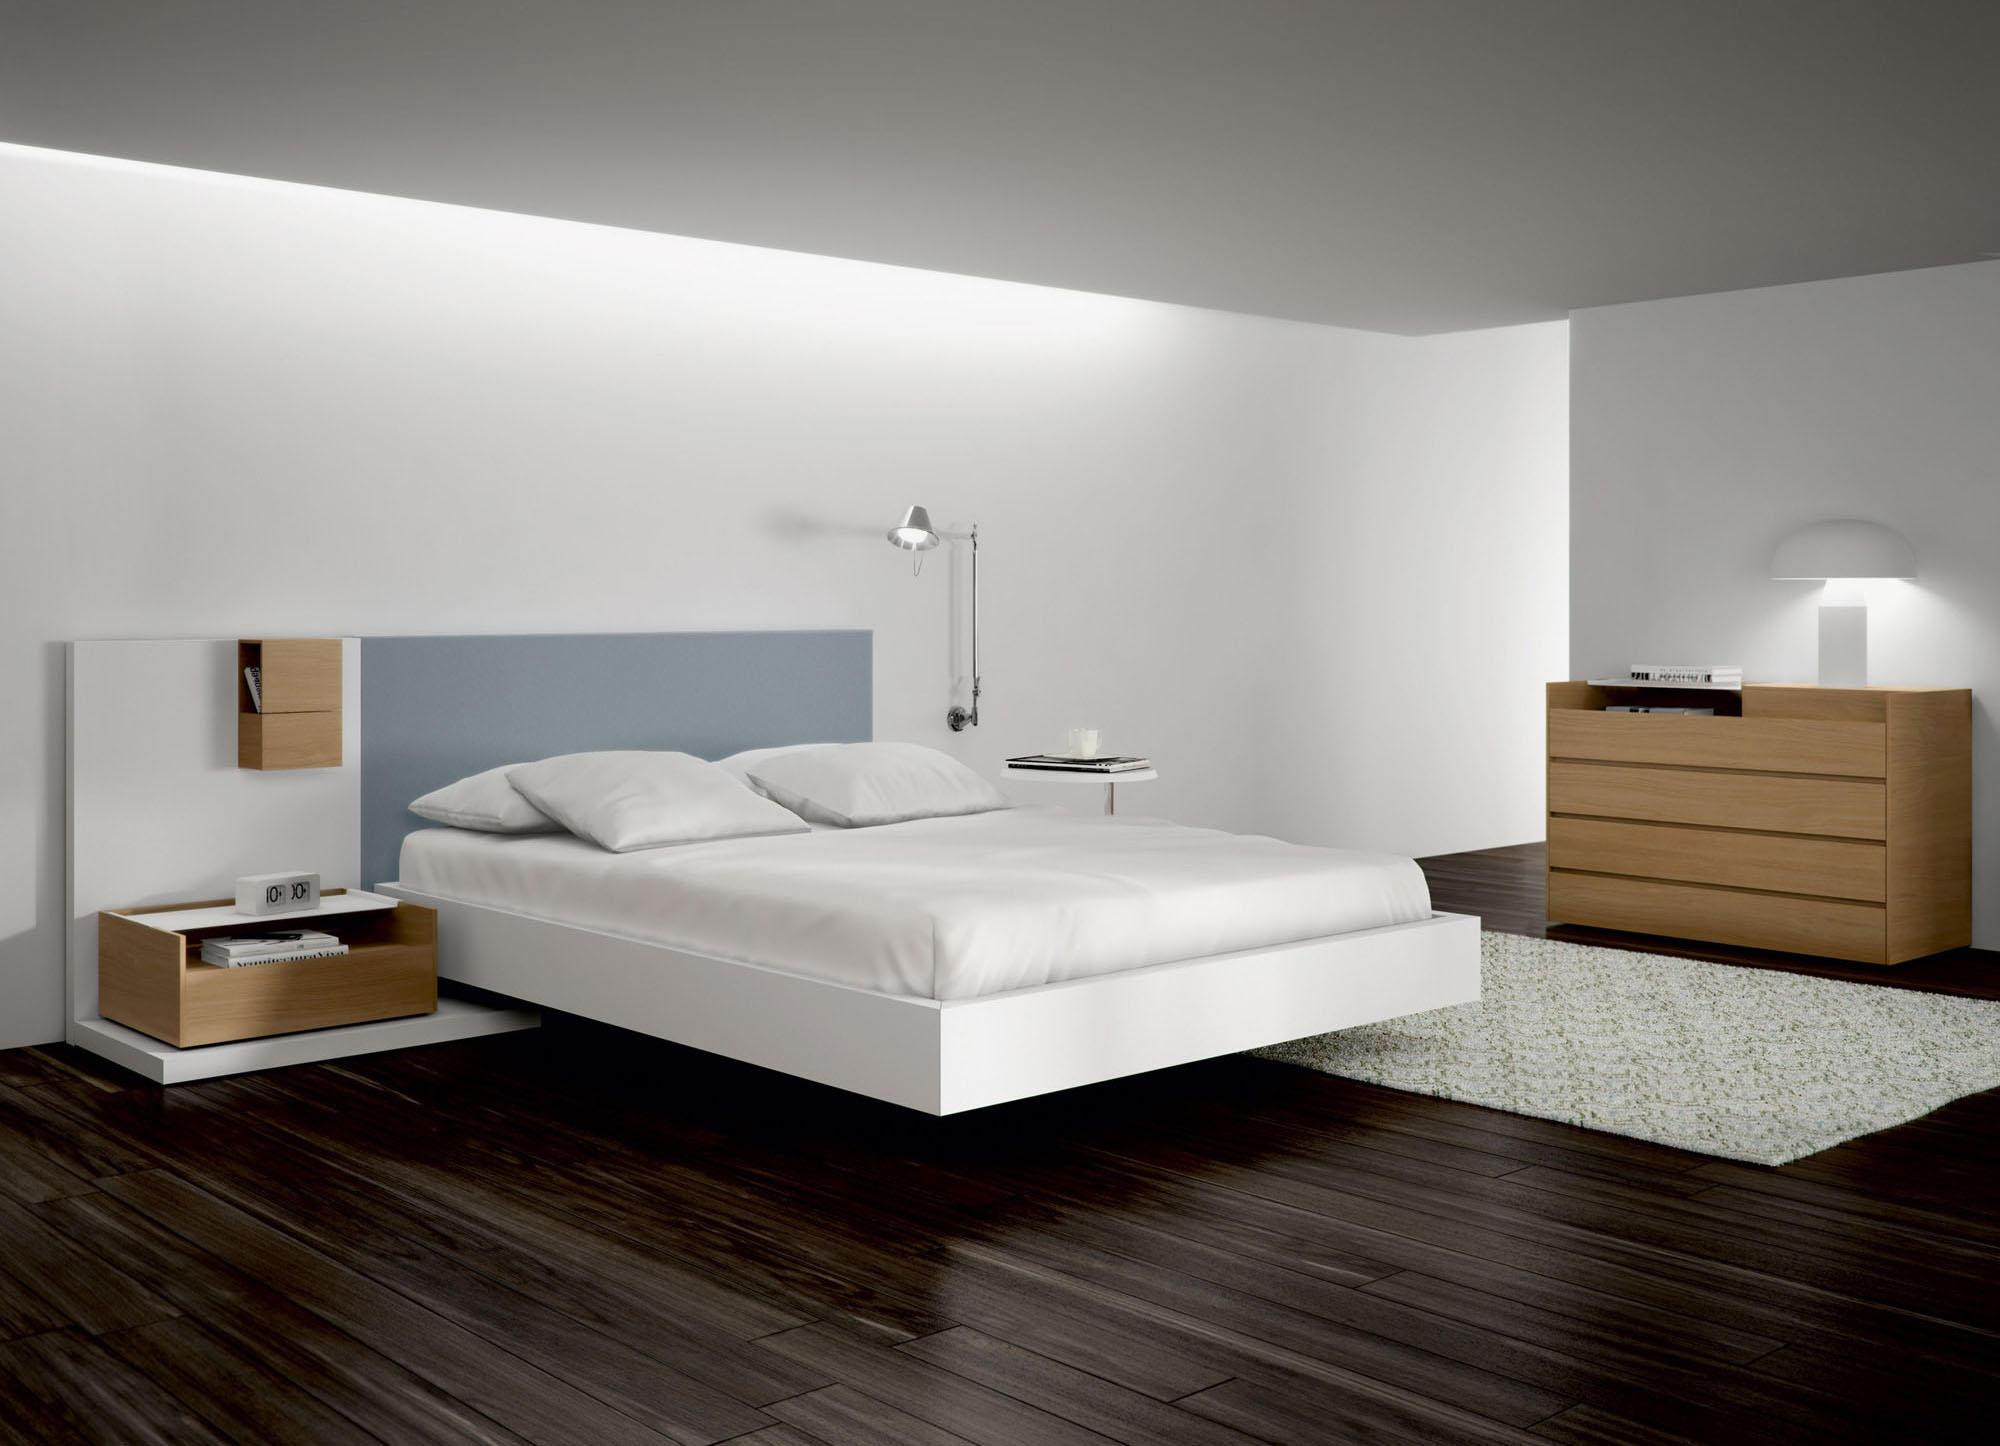 kairos cabeceros para cama cabeceras de arlex design architonic. Black Bedroom Furniture Sets. Home Design Ideas